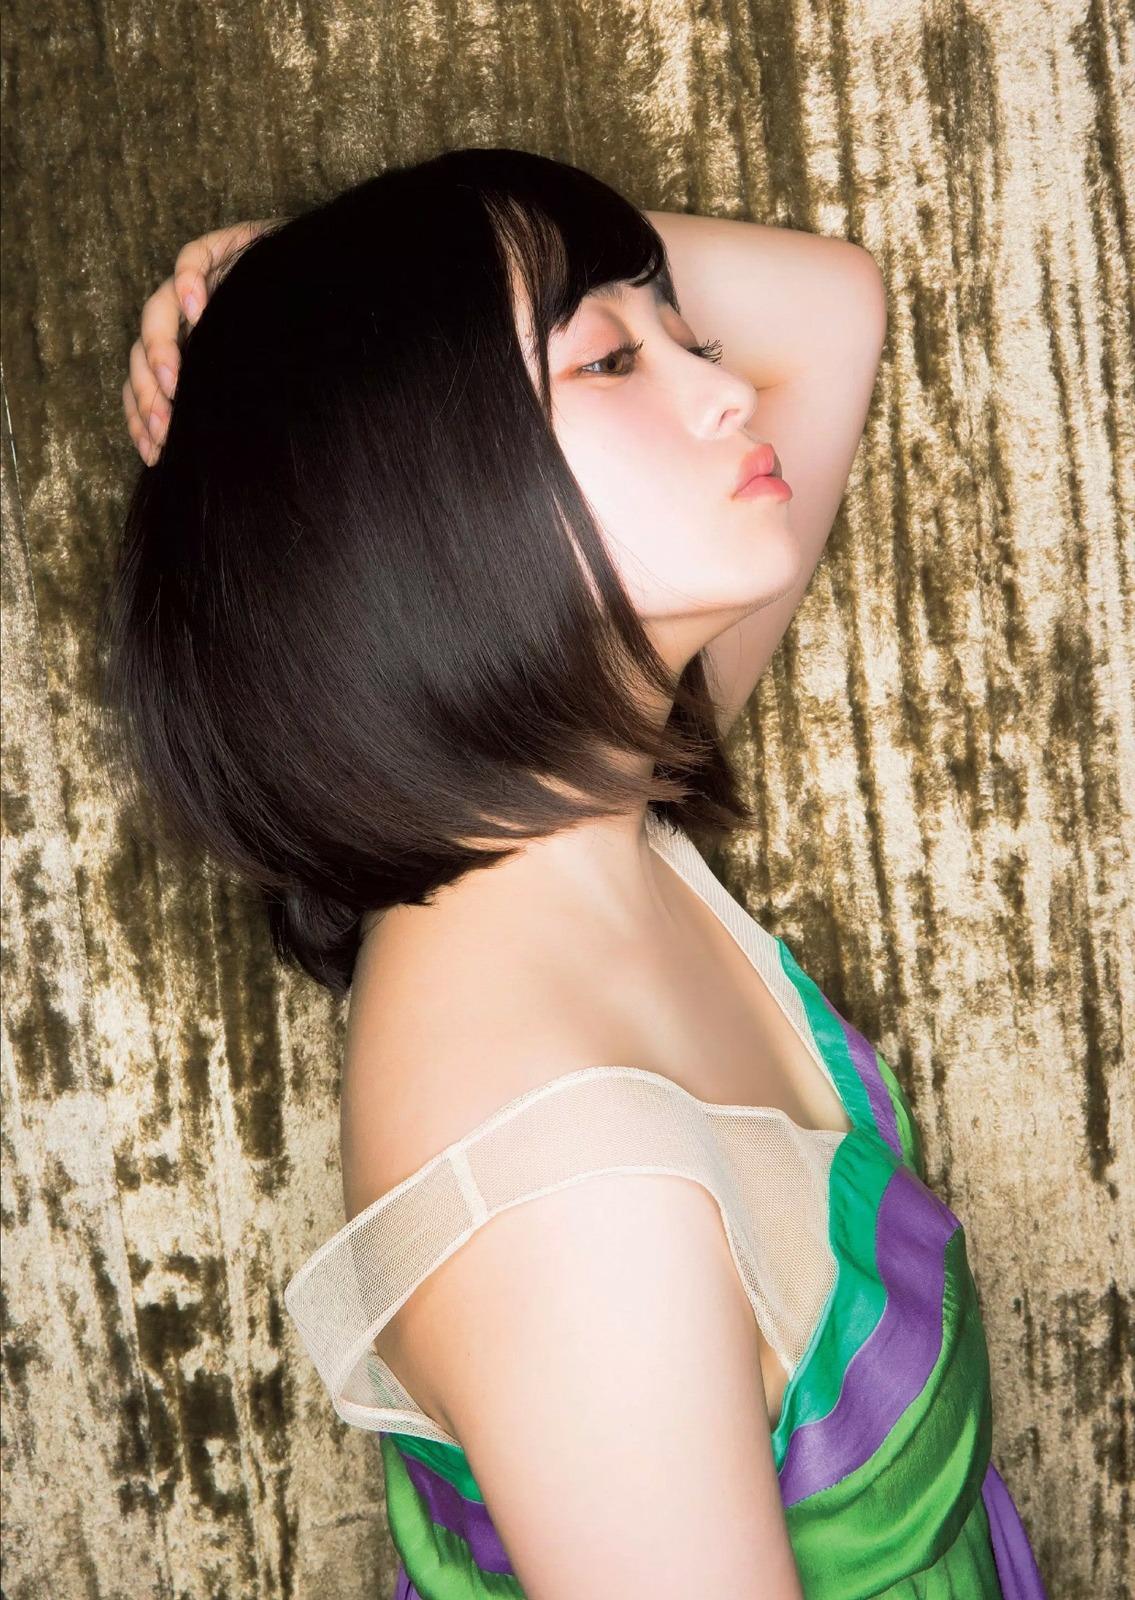 img 59a3cbaacffc1 - 千年に一度のアイドル、橋本環奈ちゃん!久々のグラビア画像!